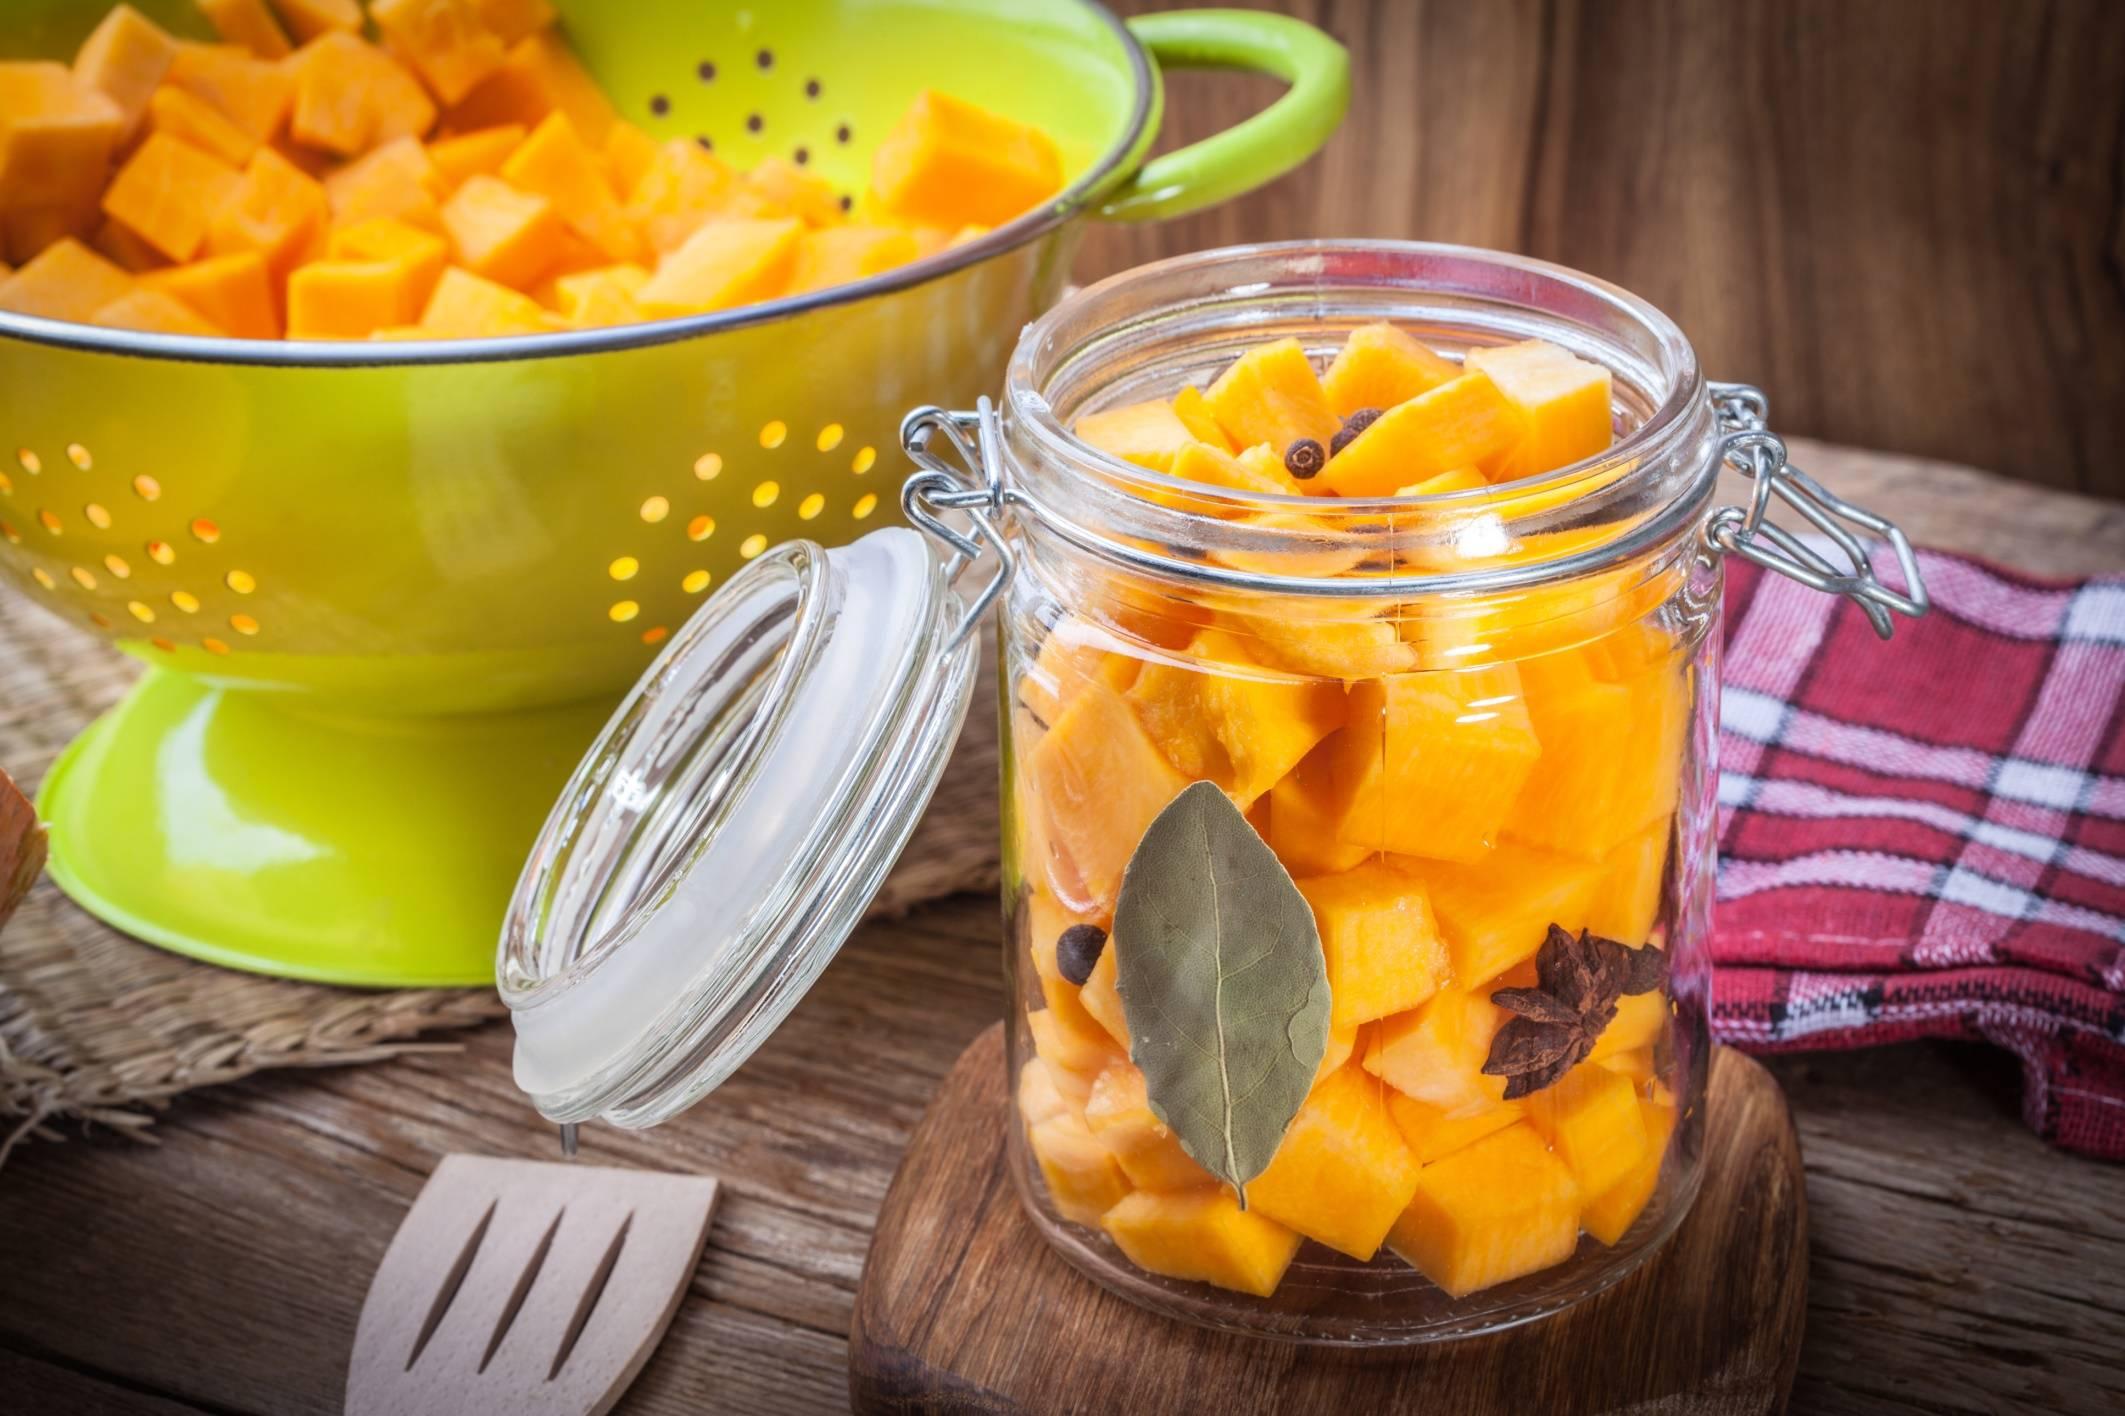 Компот из тыквы на зиму: лучшие рецепты и рекомендации по приготовлению в домашних условиях